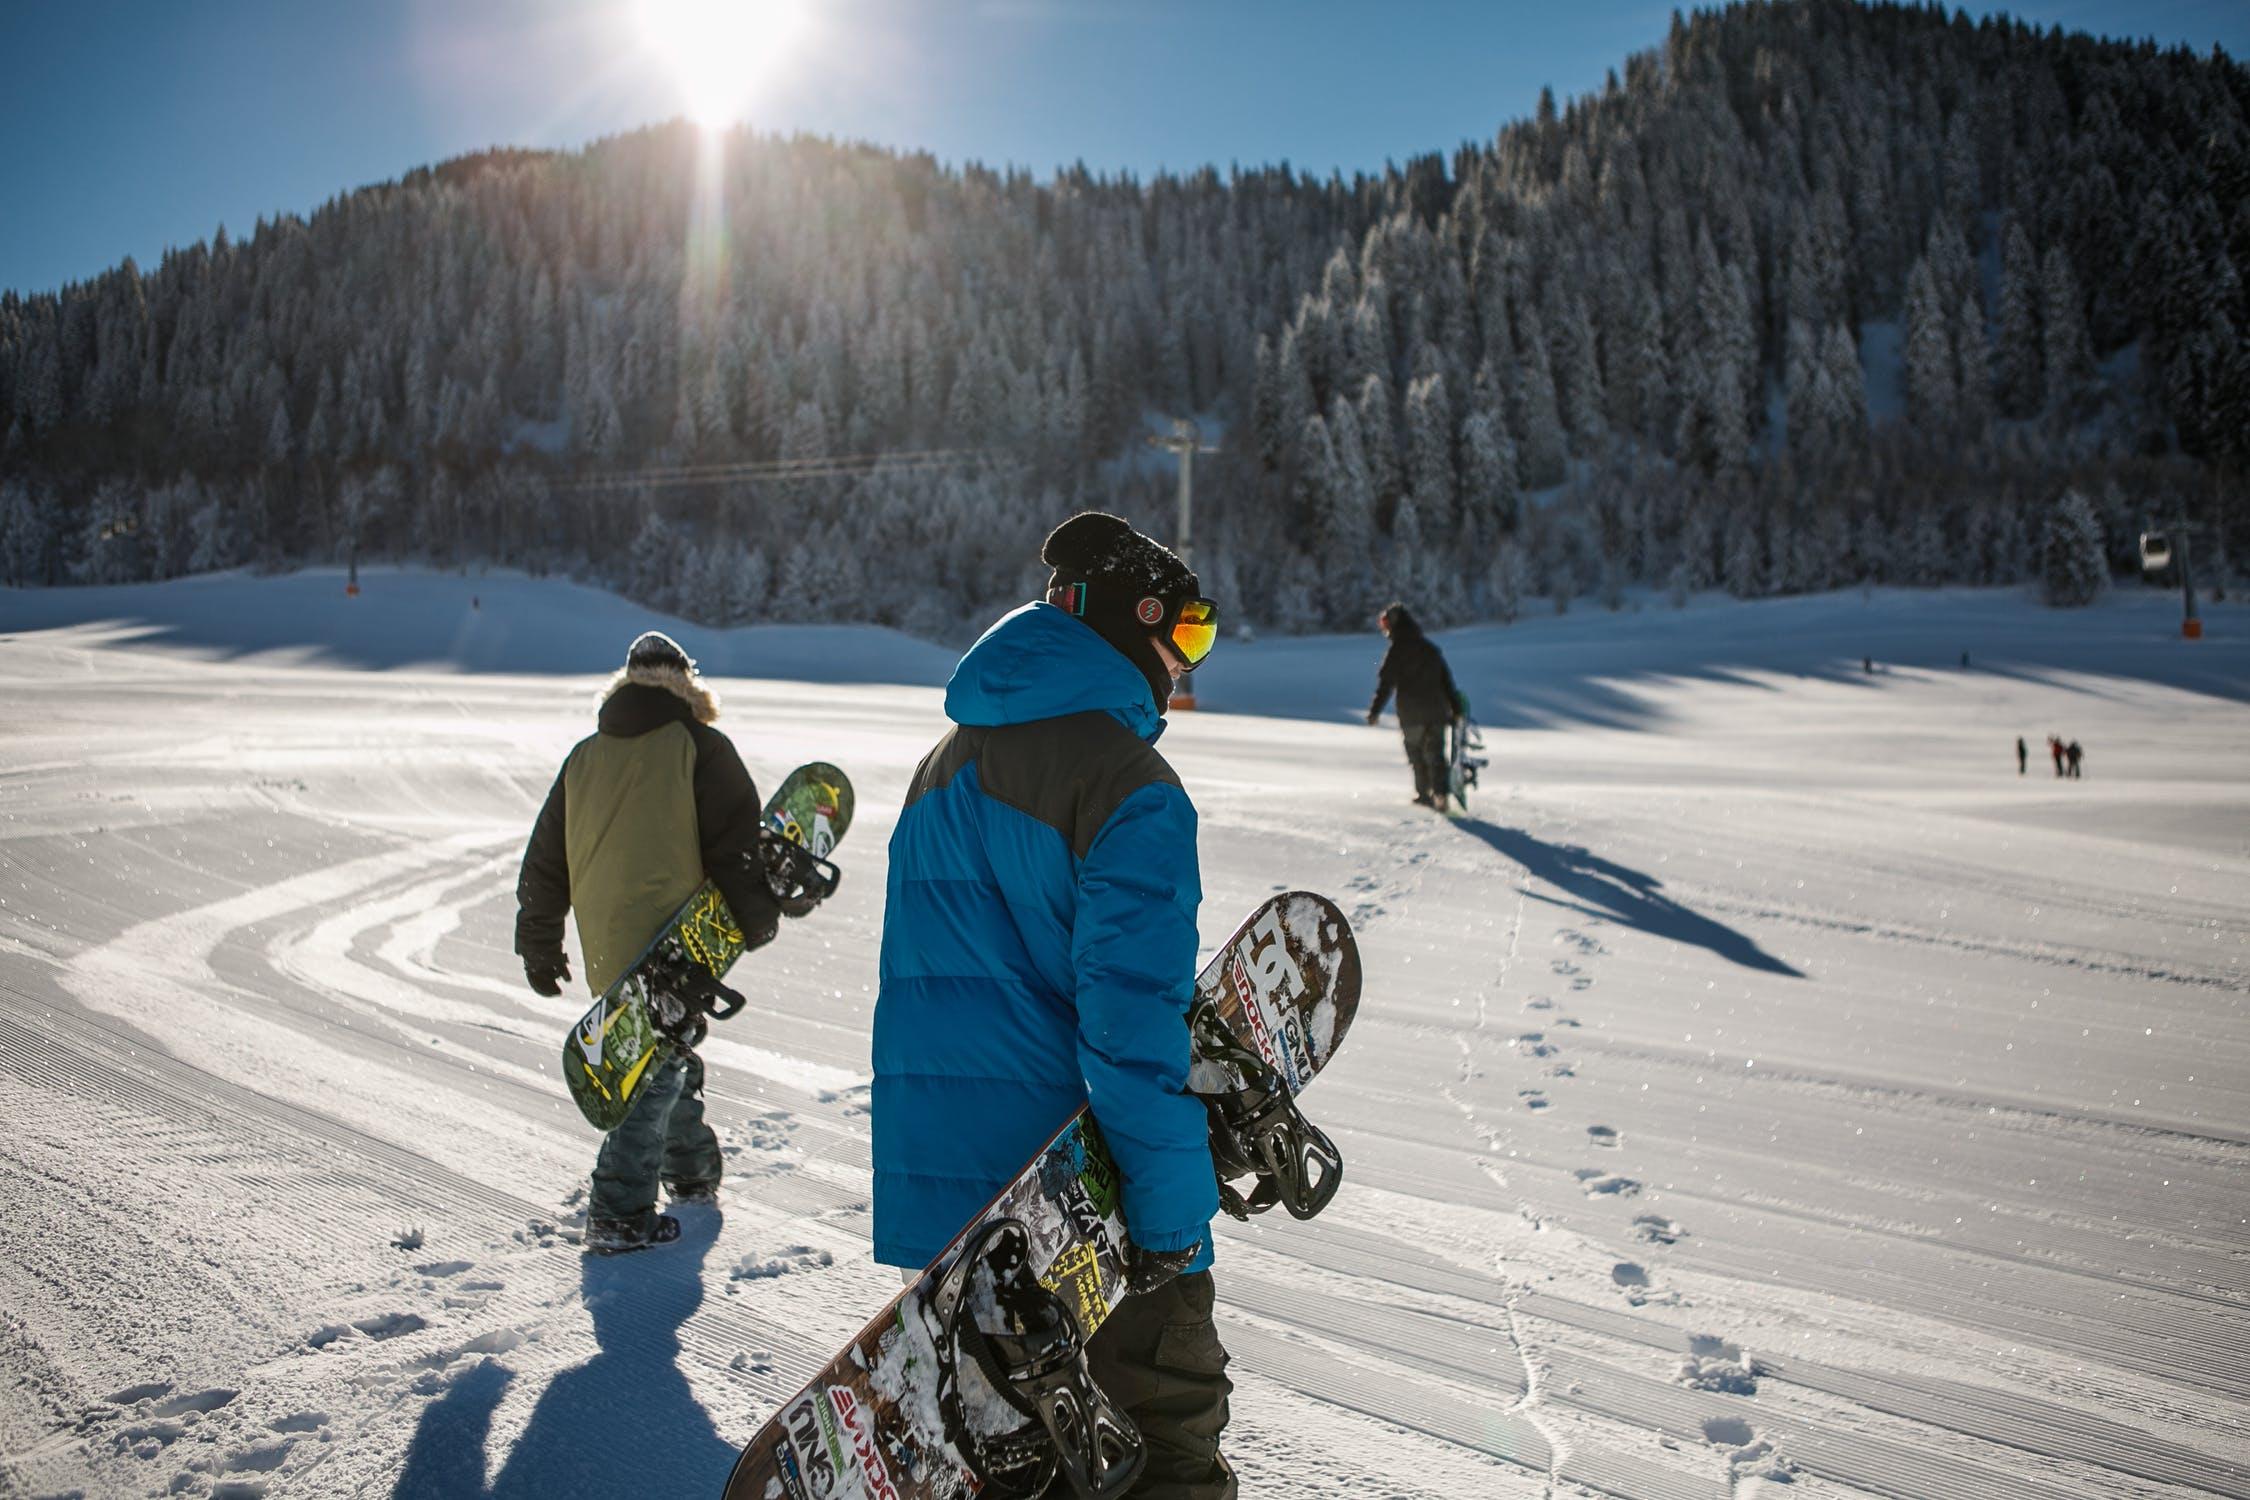 Snowboarders op de piste